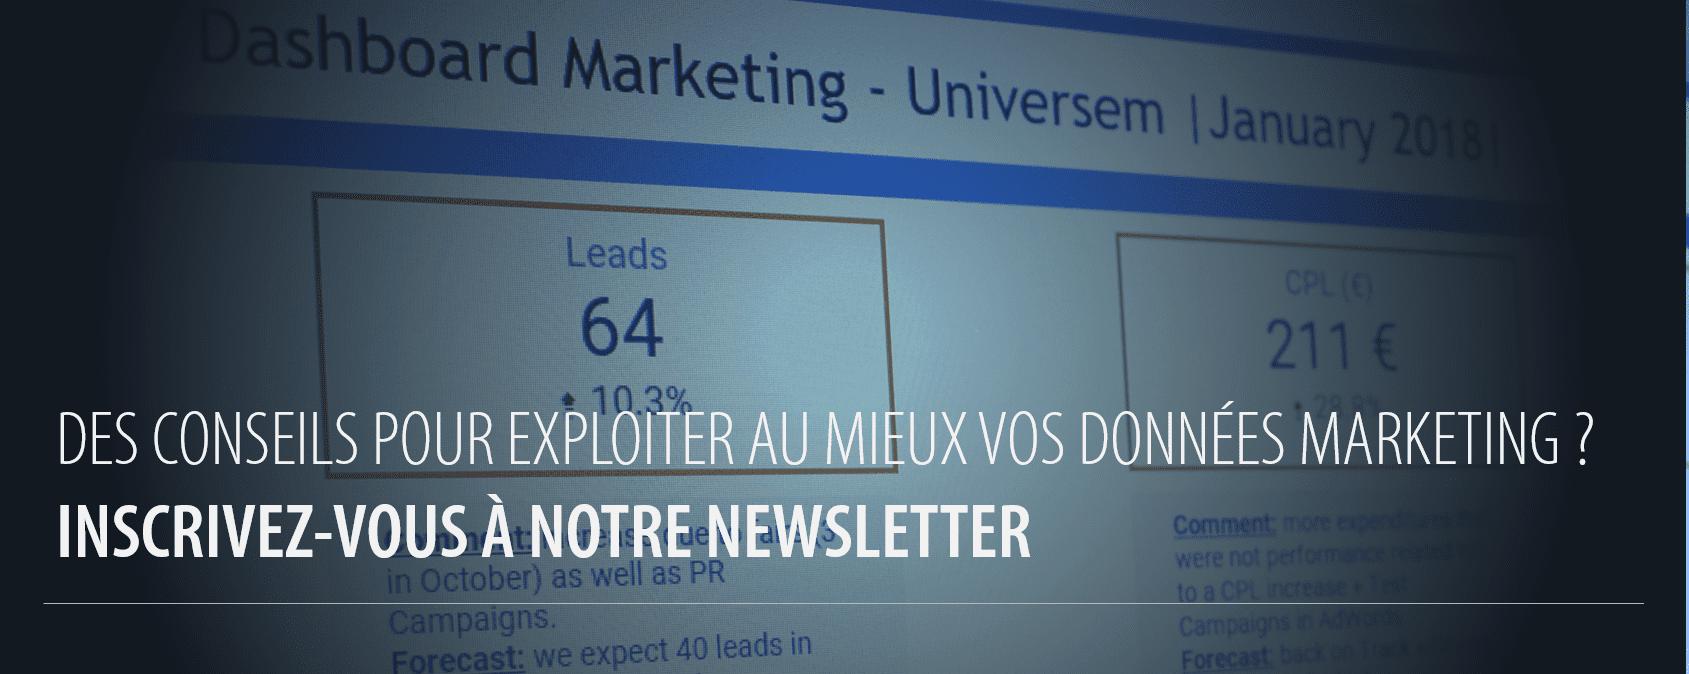 Universem : tirez le meilleur parti de vos données marketing